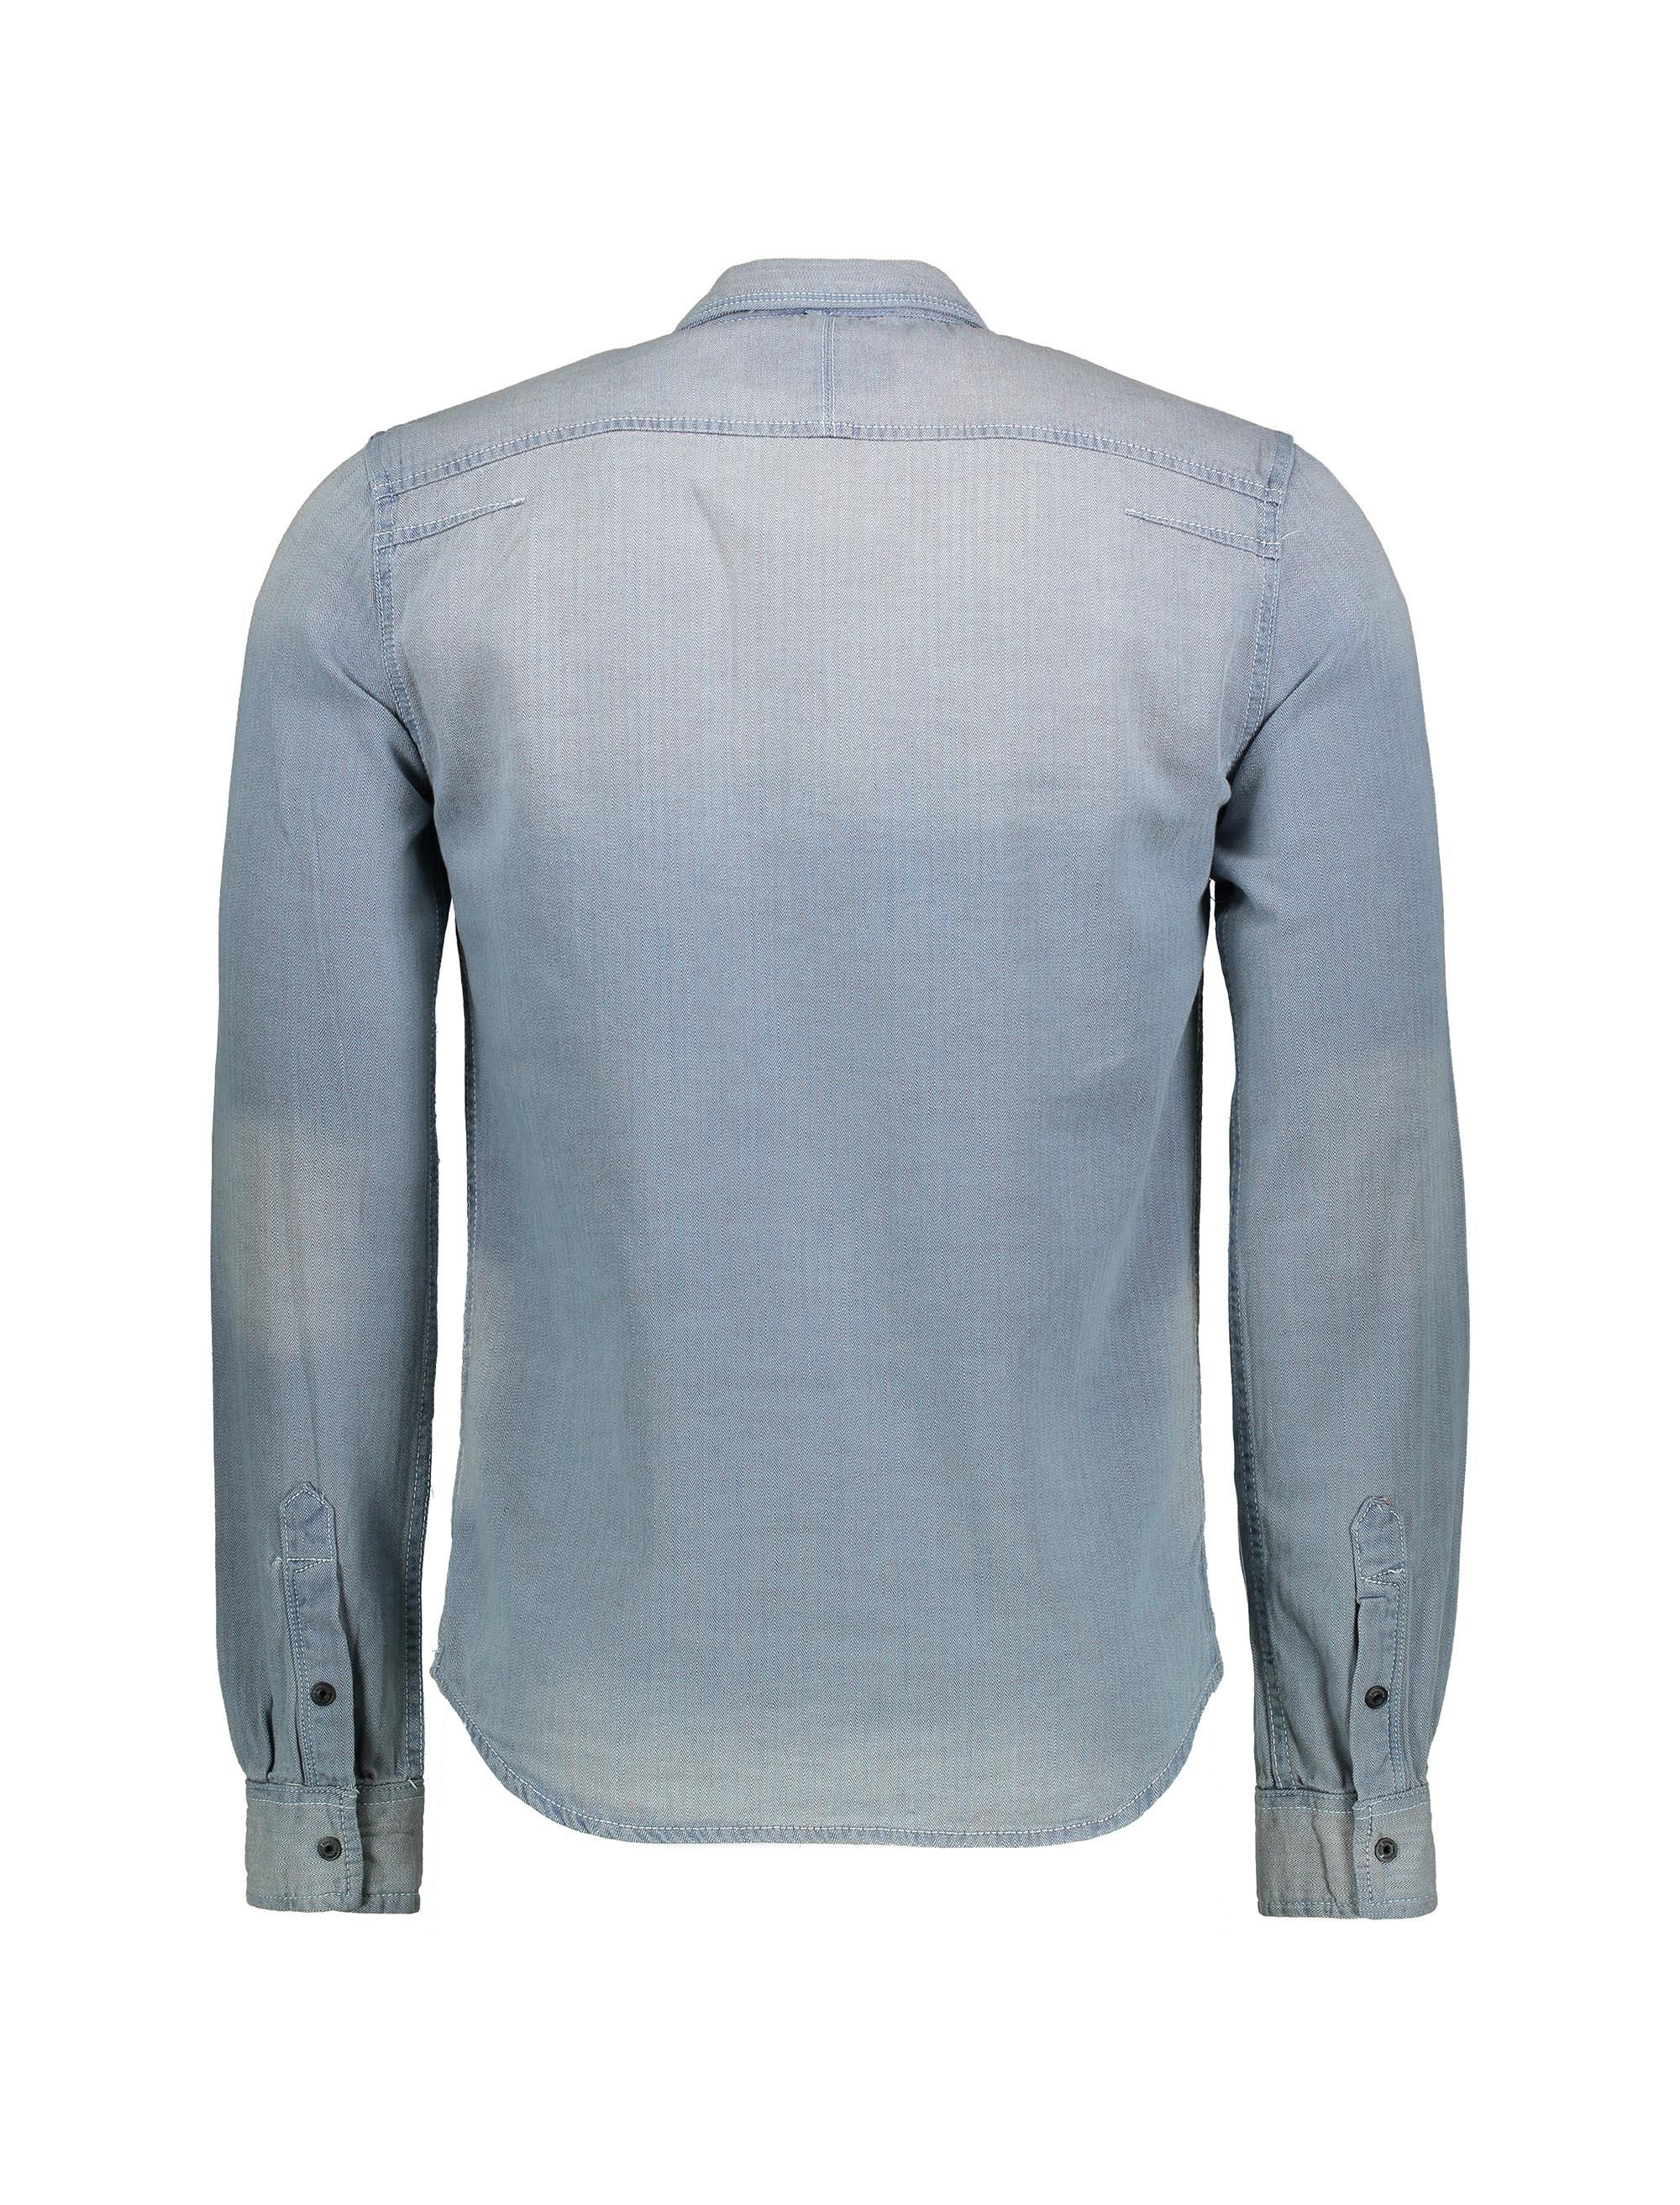 پیراهن جین آستین بلند مردانه Dragway - طوسي  - 2